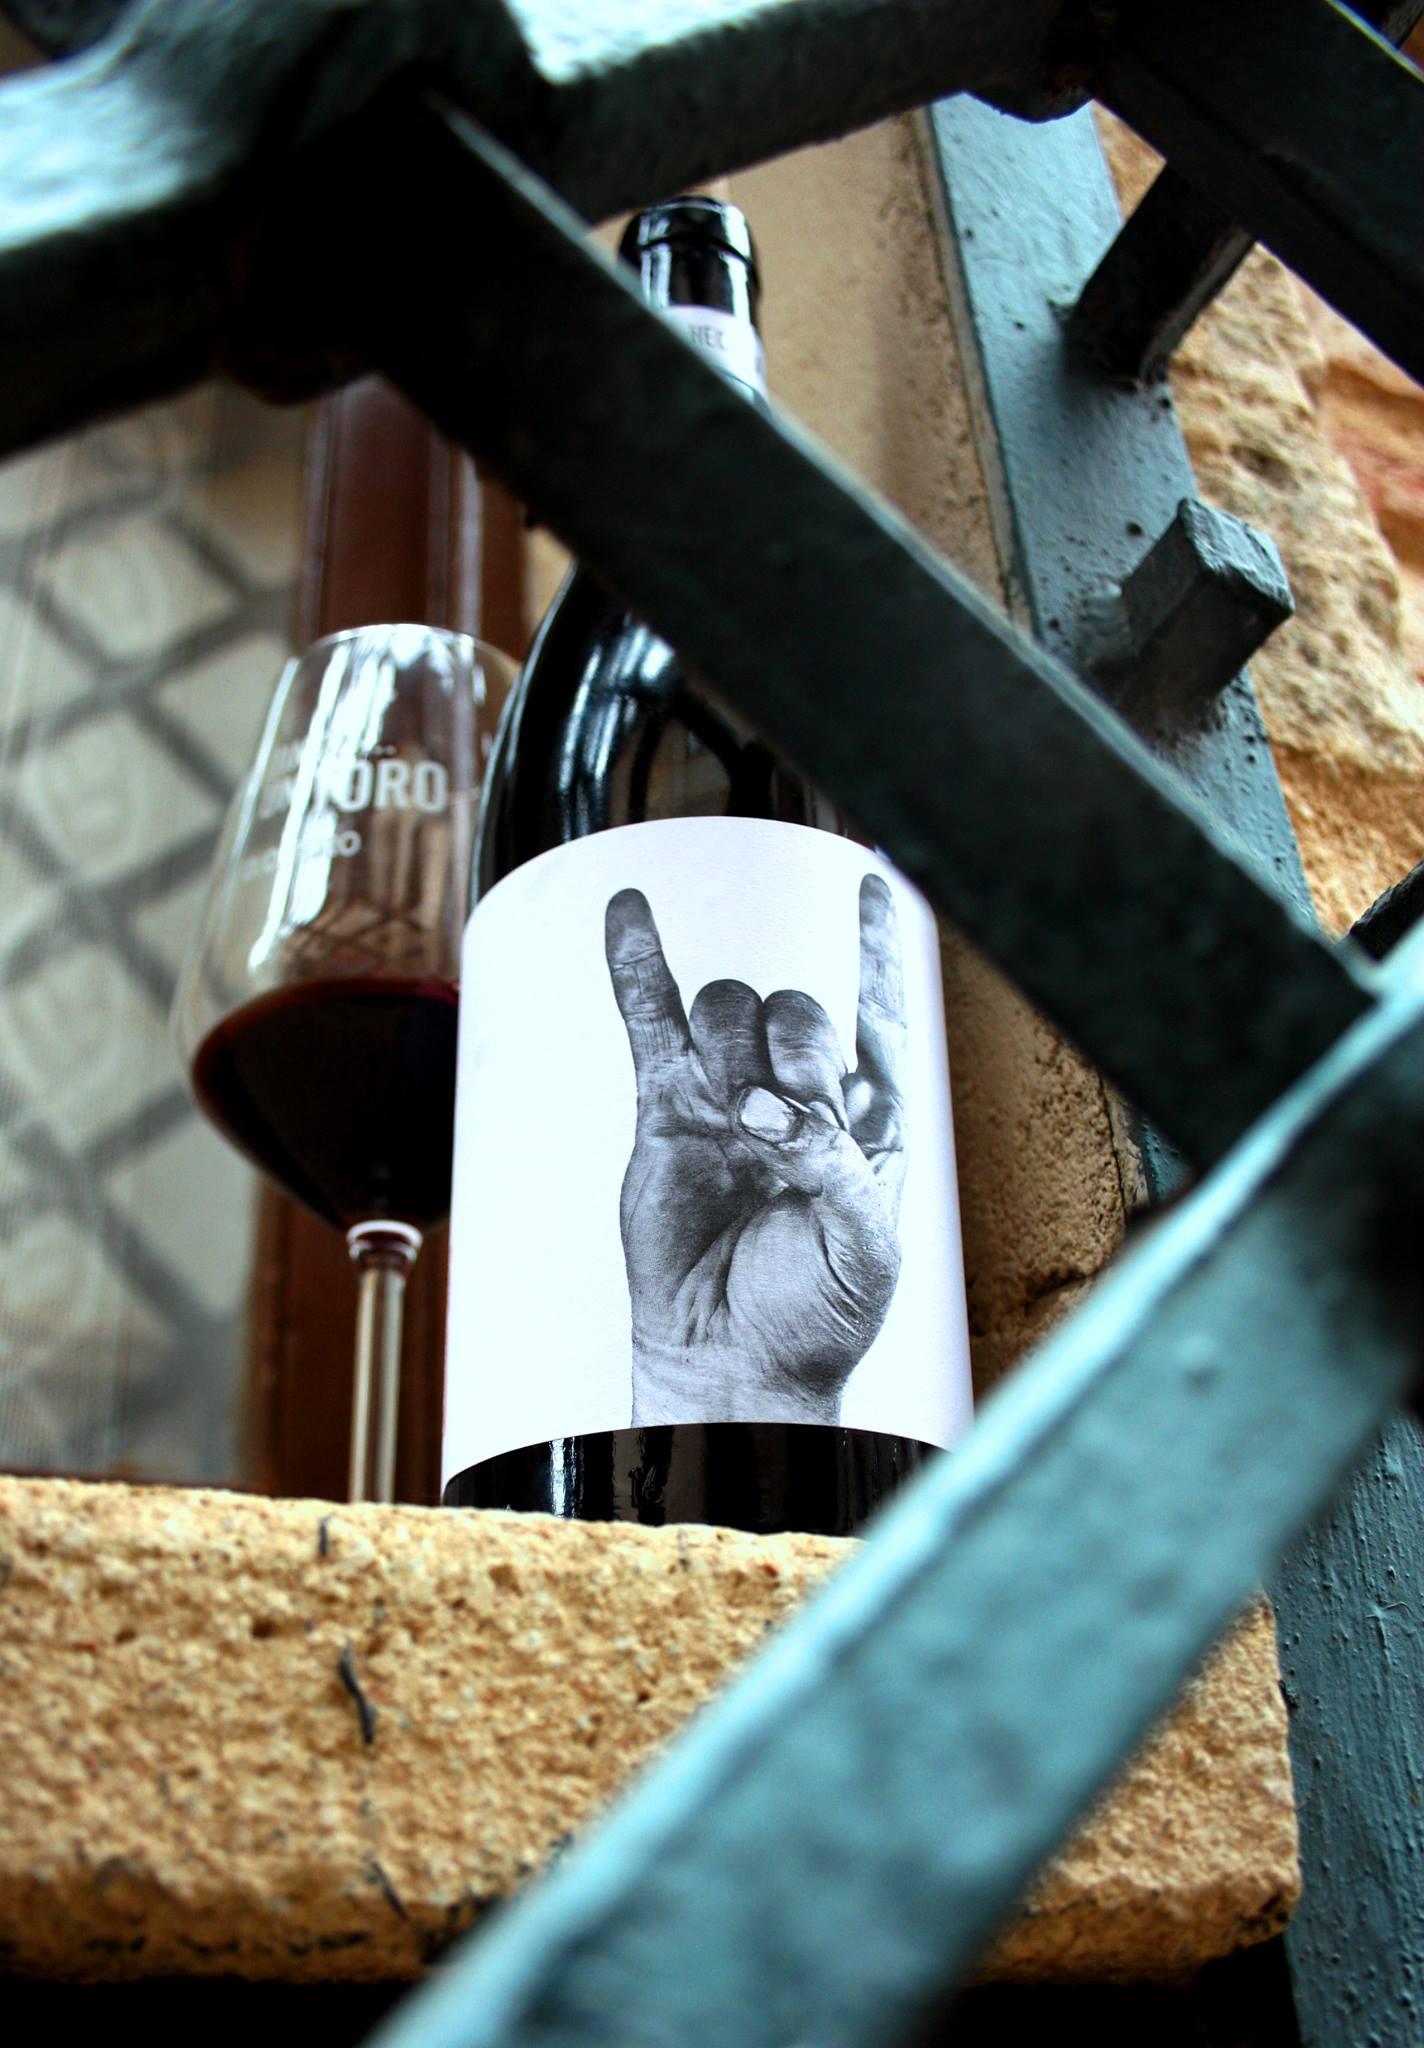 copa de vino Bigardo de Toro